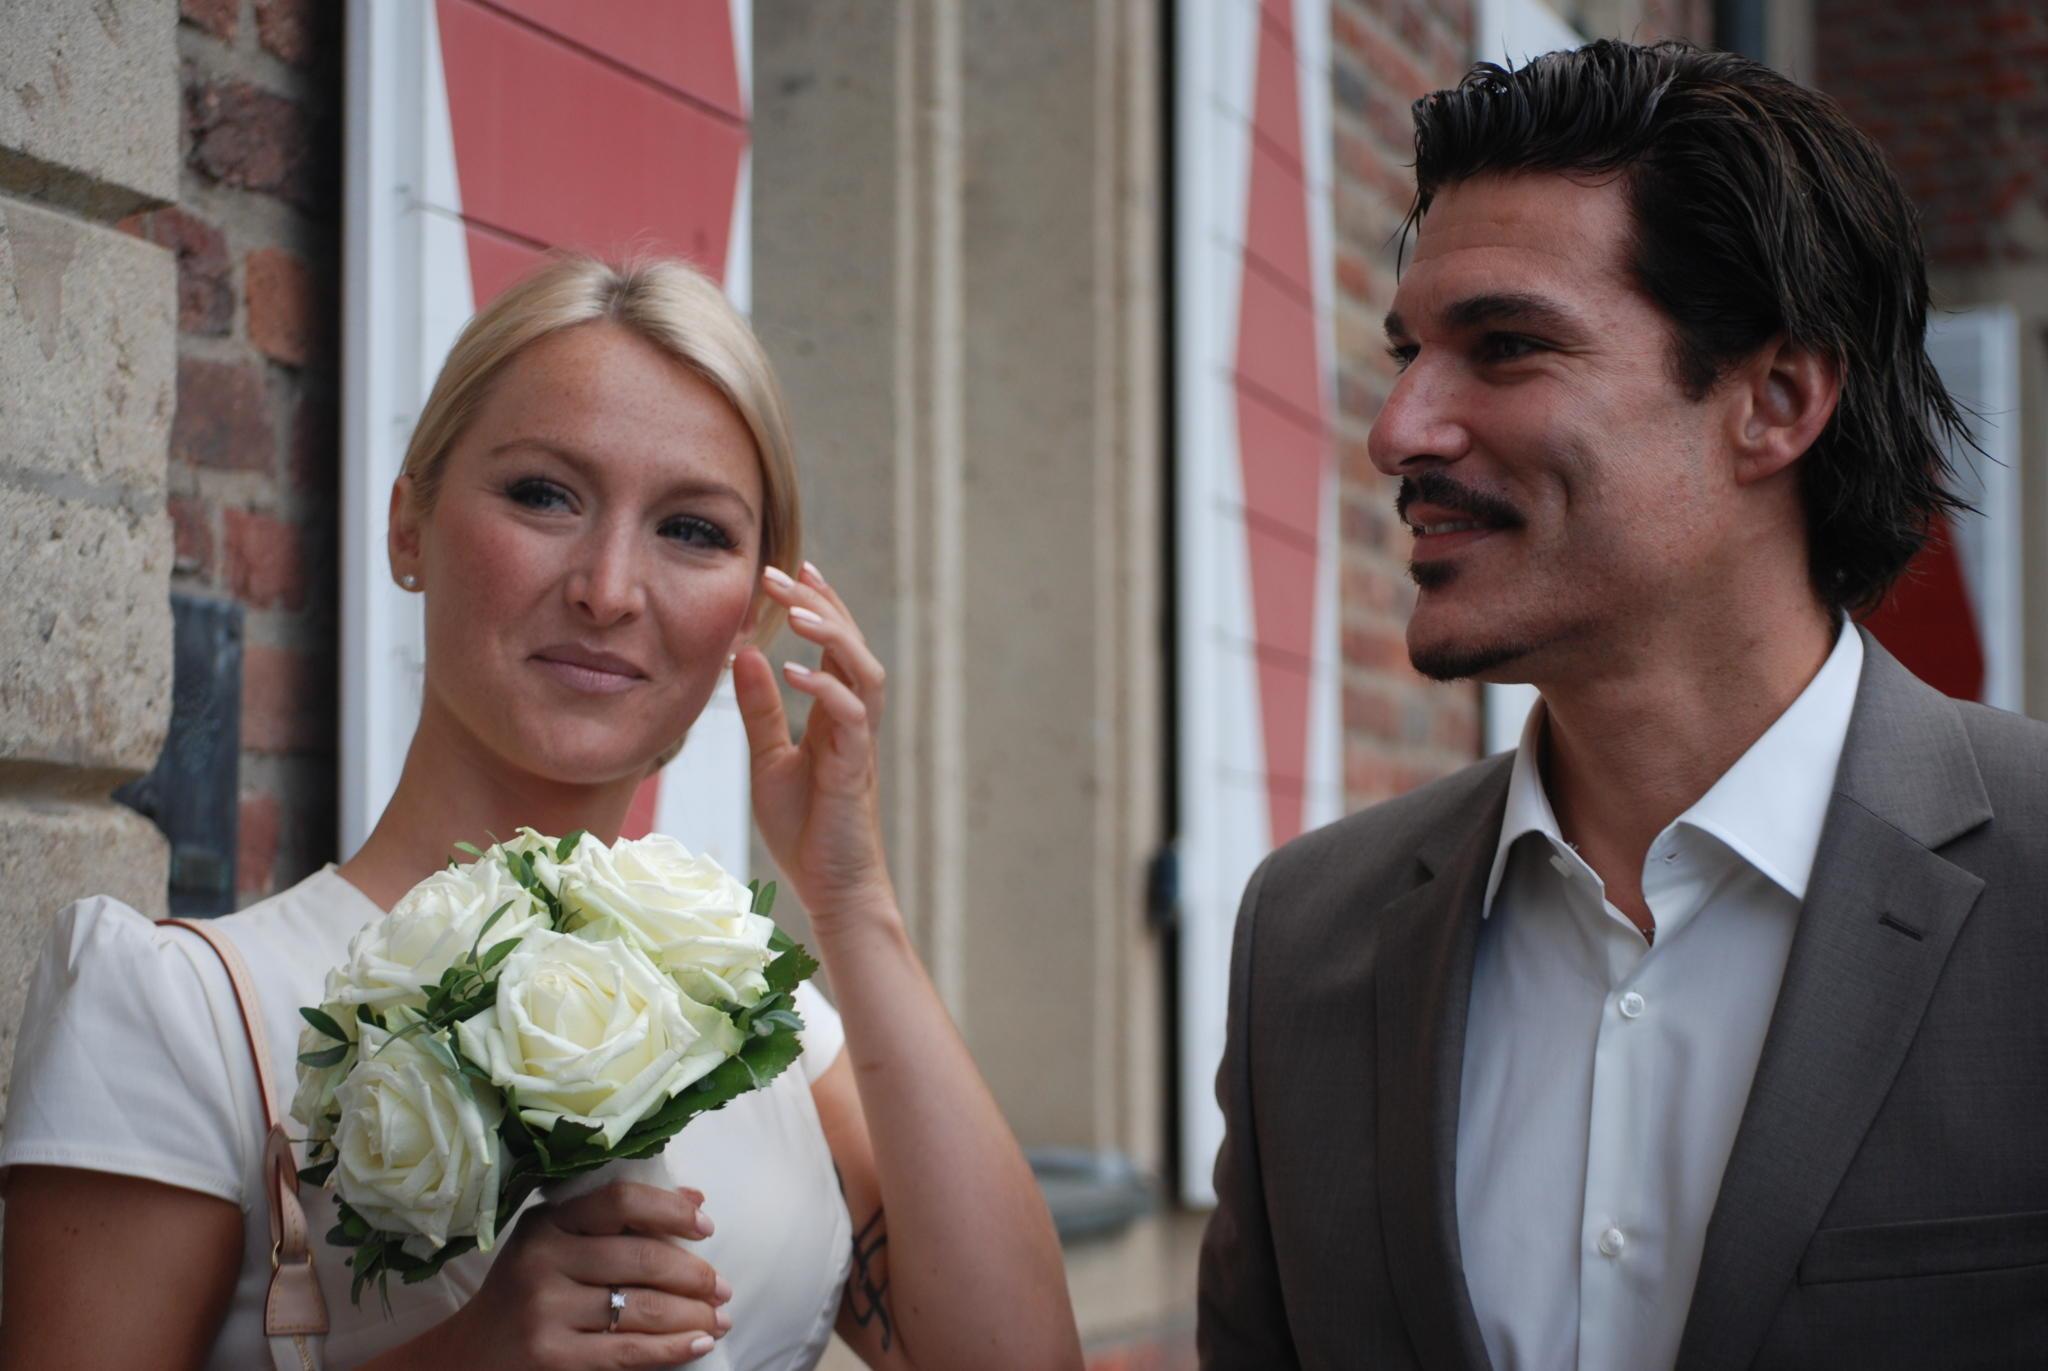 Auswanderer Chis Tpperwien Bilder von der Hochzeit